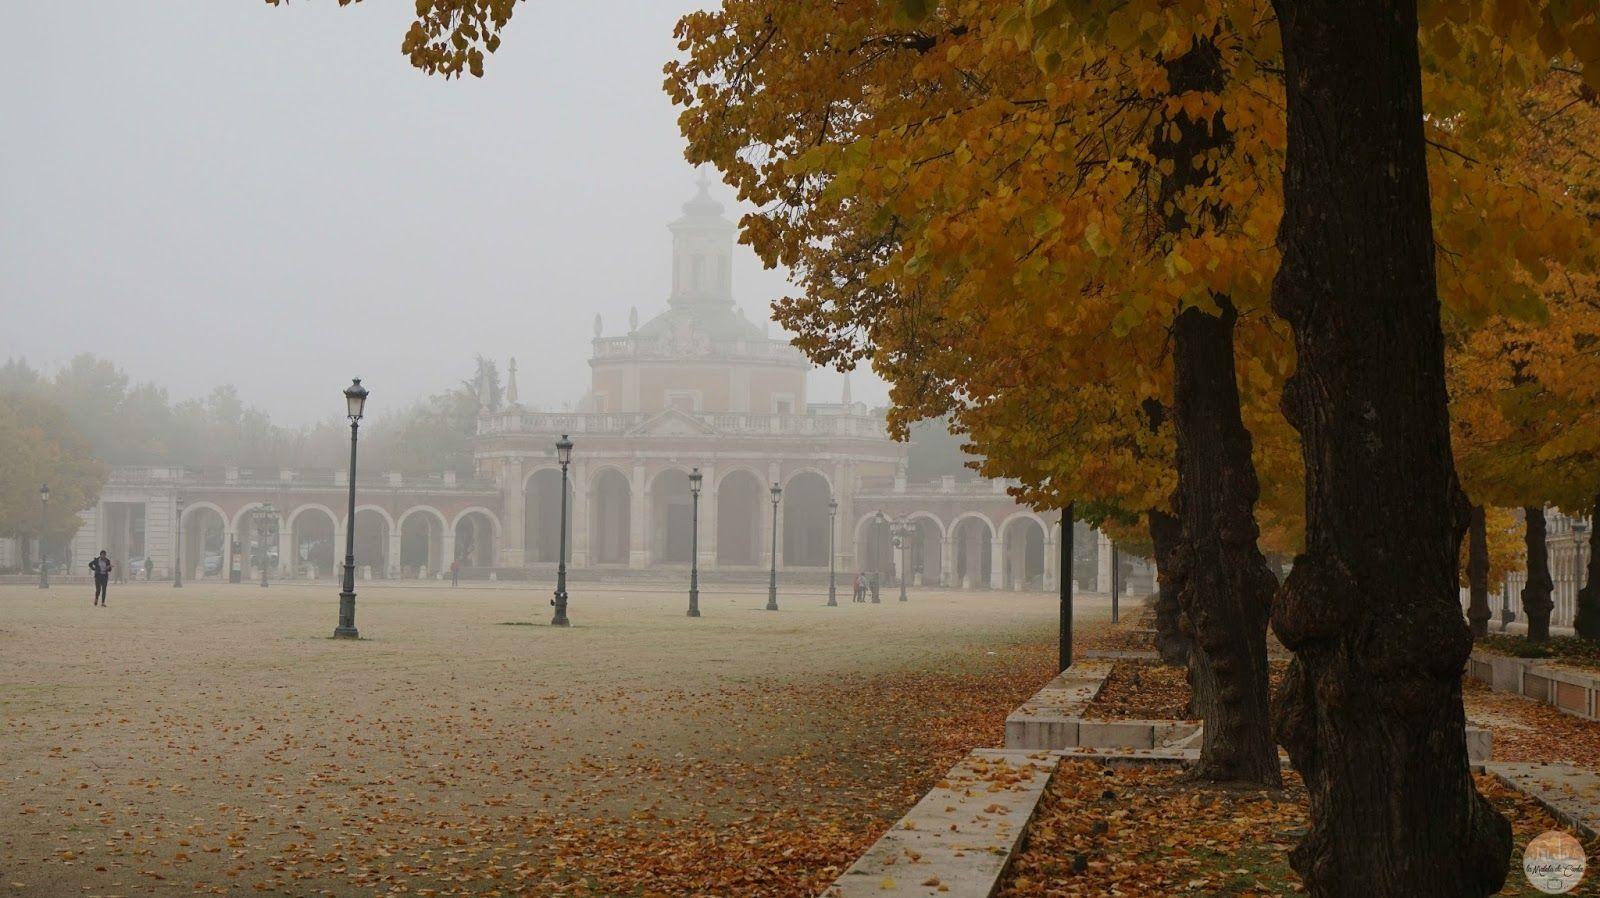 Qué Hacer En Aranjuez En Otoño Visita Al Palacio De Aranjuez Los Jardines Reales Recorrer Aranjuez En Segway Navegar El Tajo Donde Dormir Palacios Recorrer